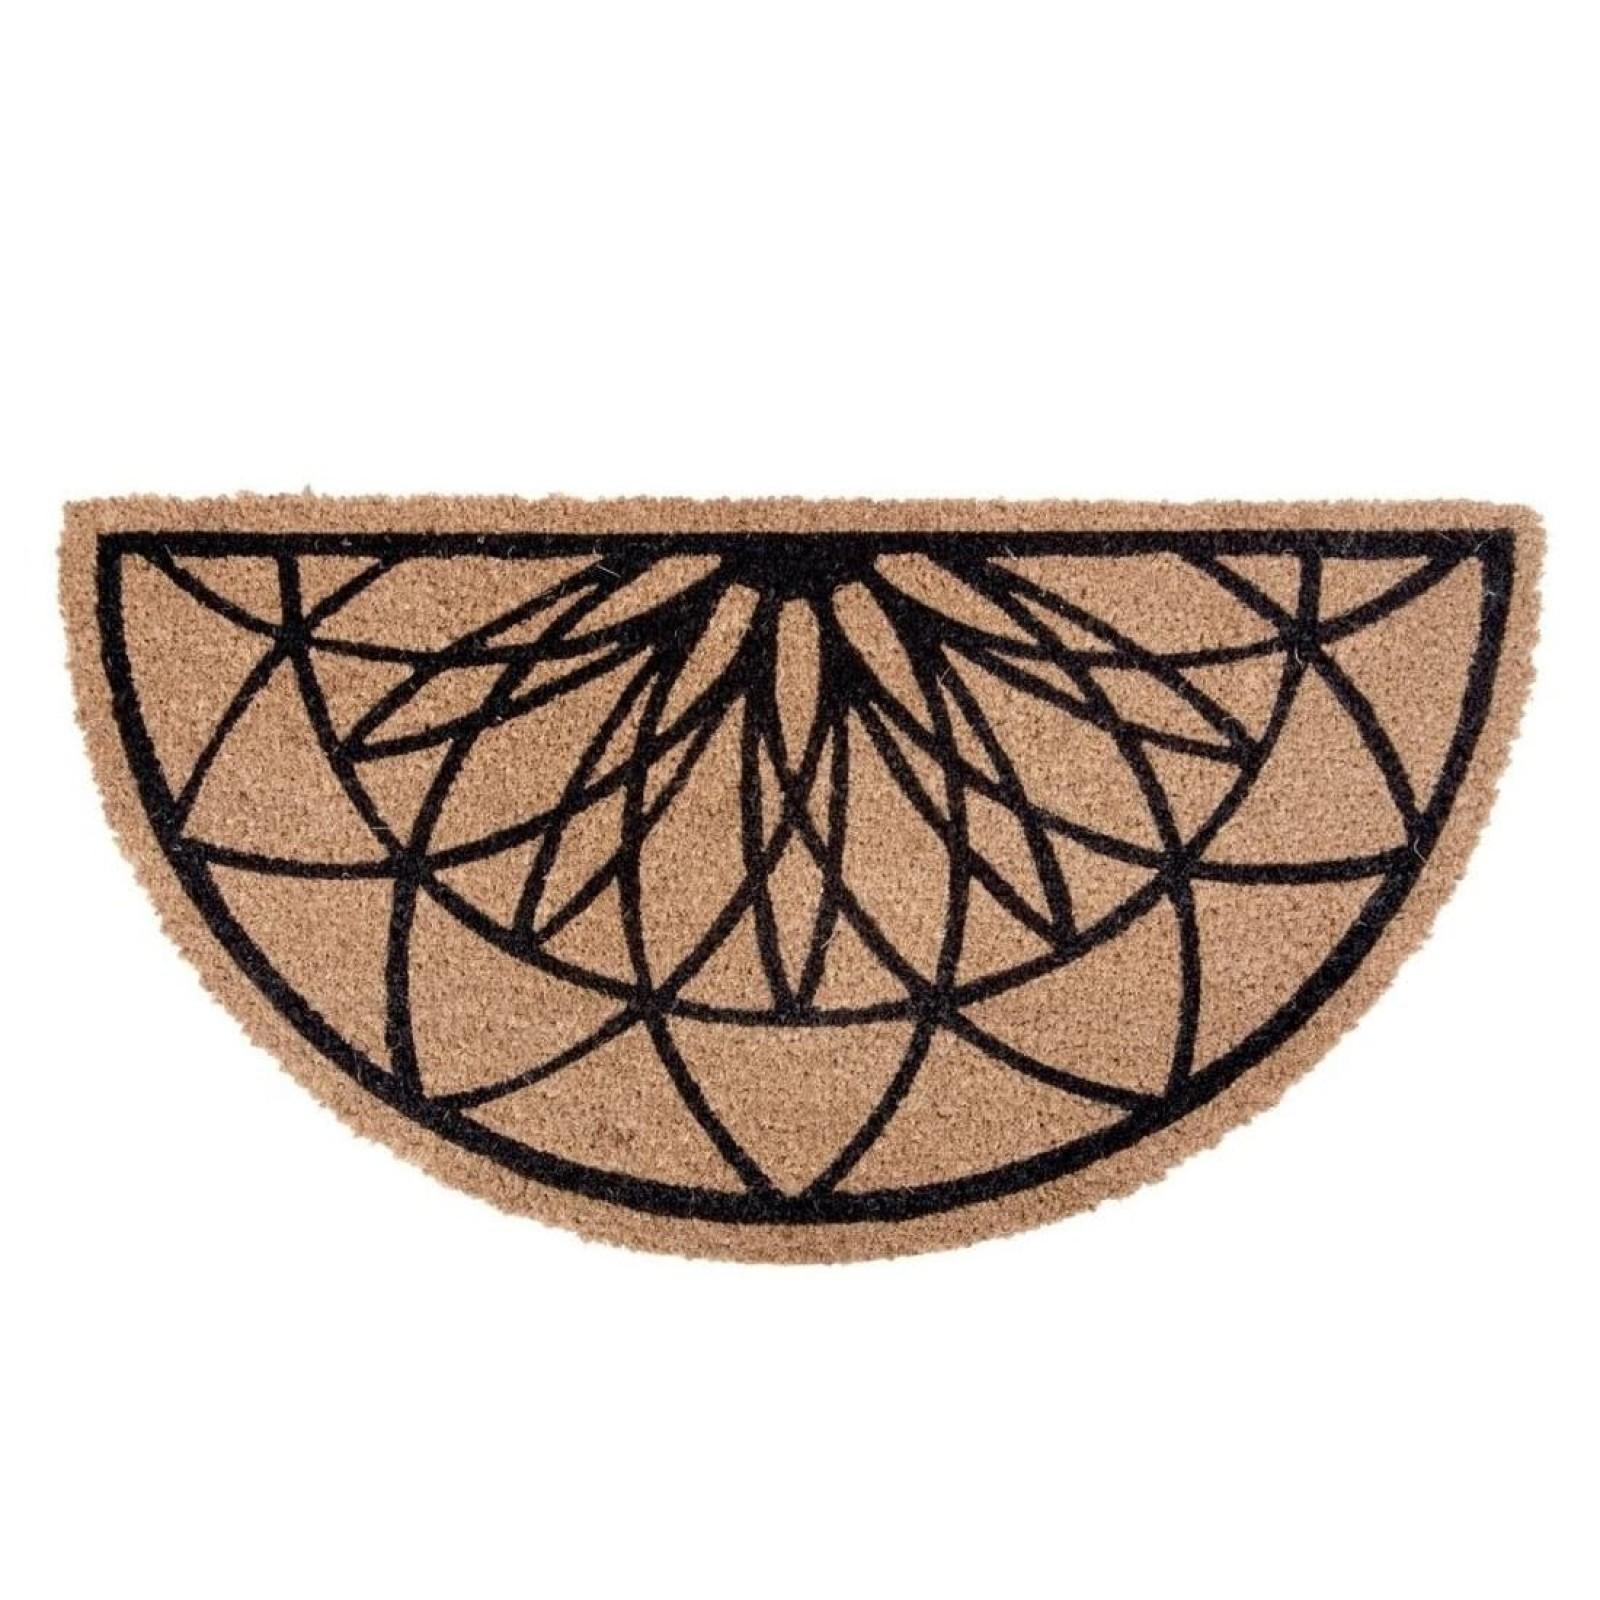 Fairytale Doormat (Black) - Present Time